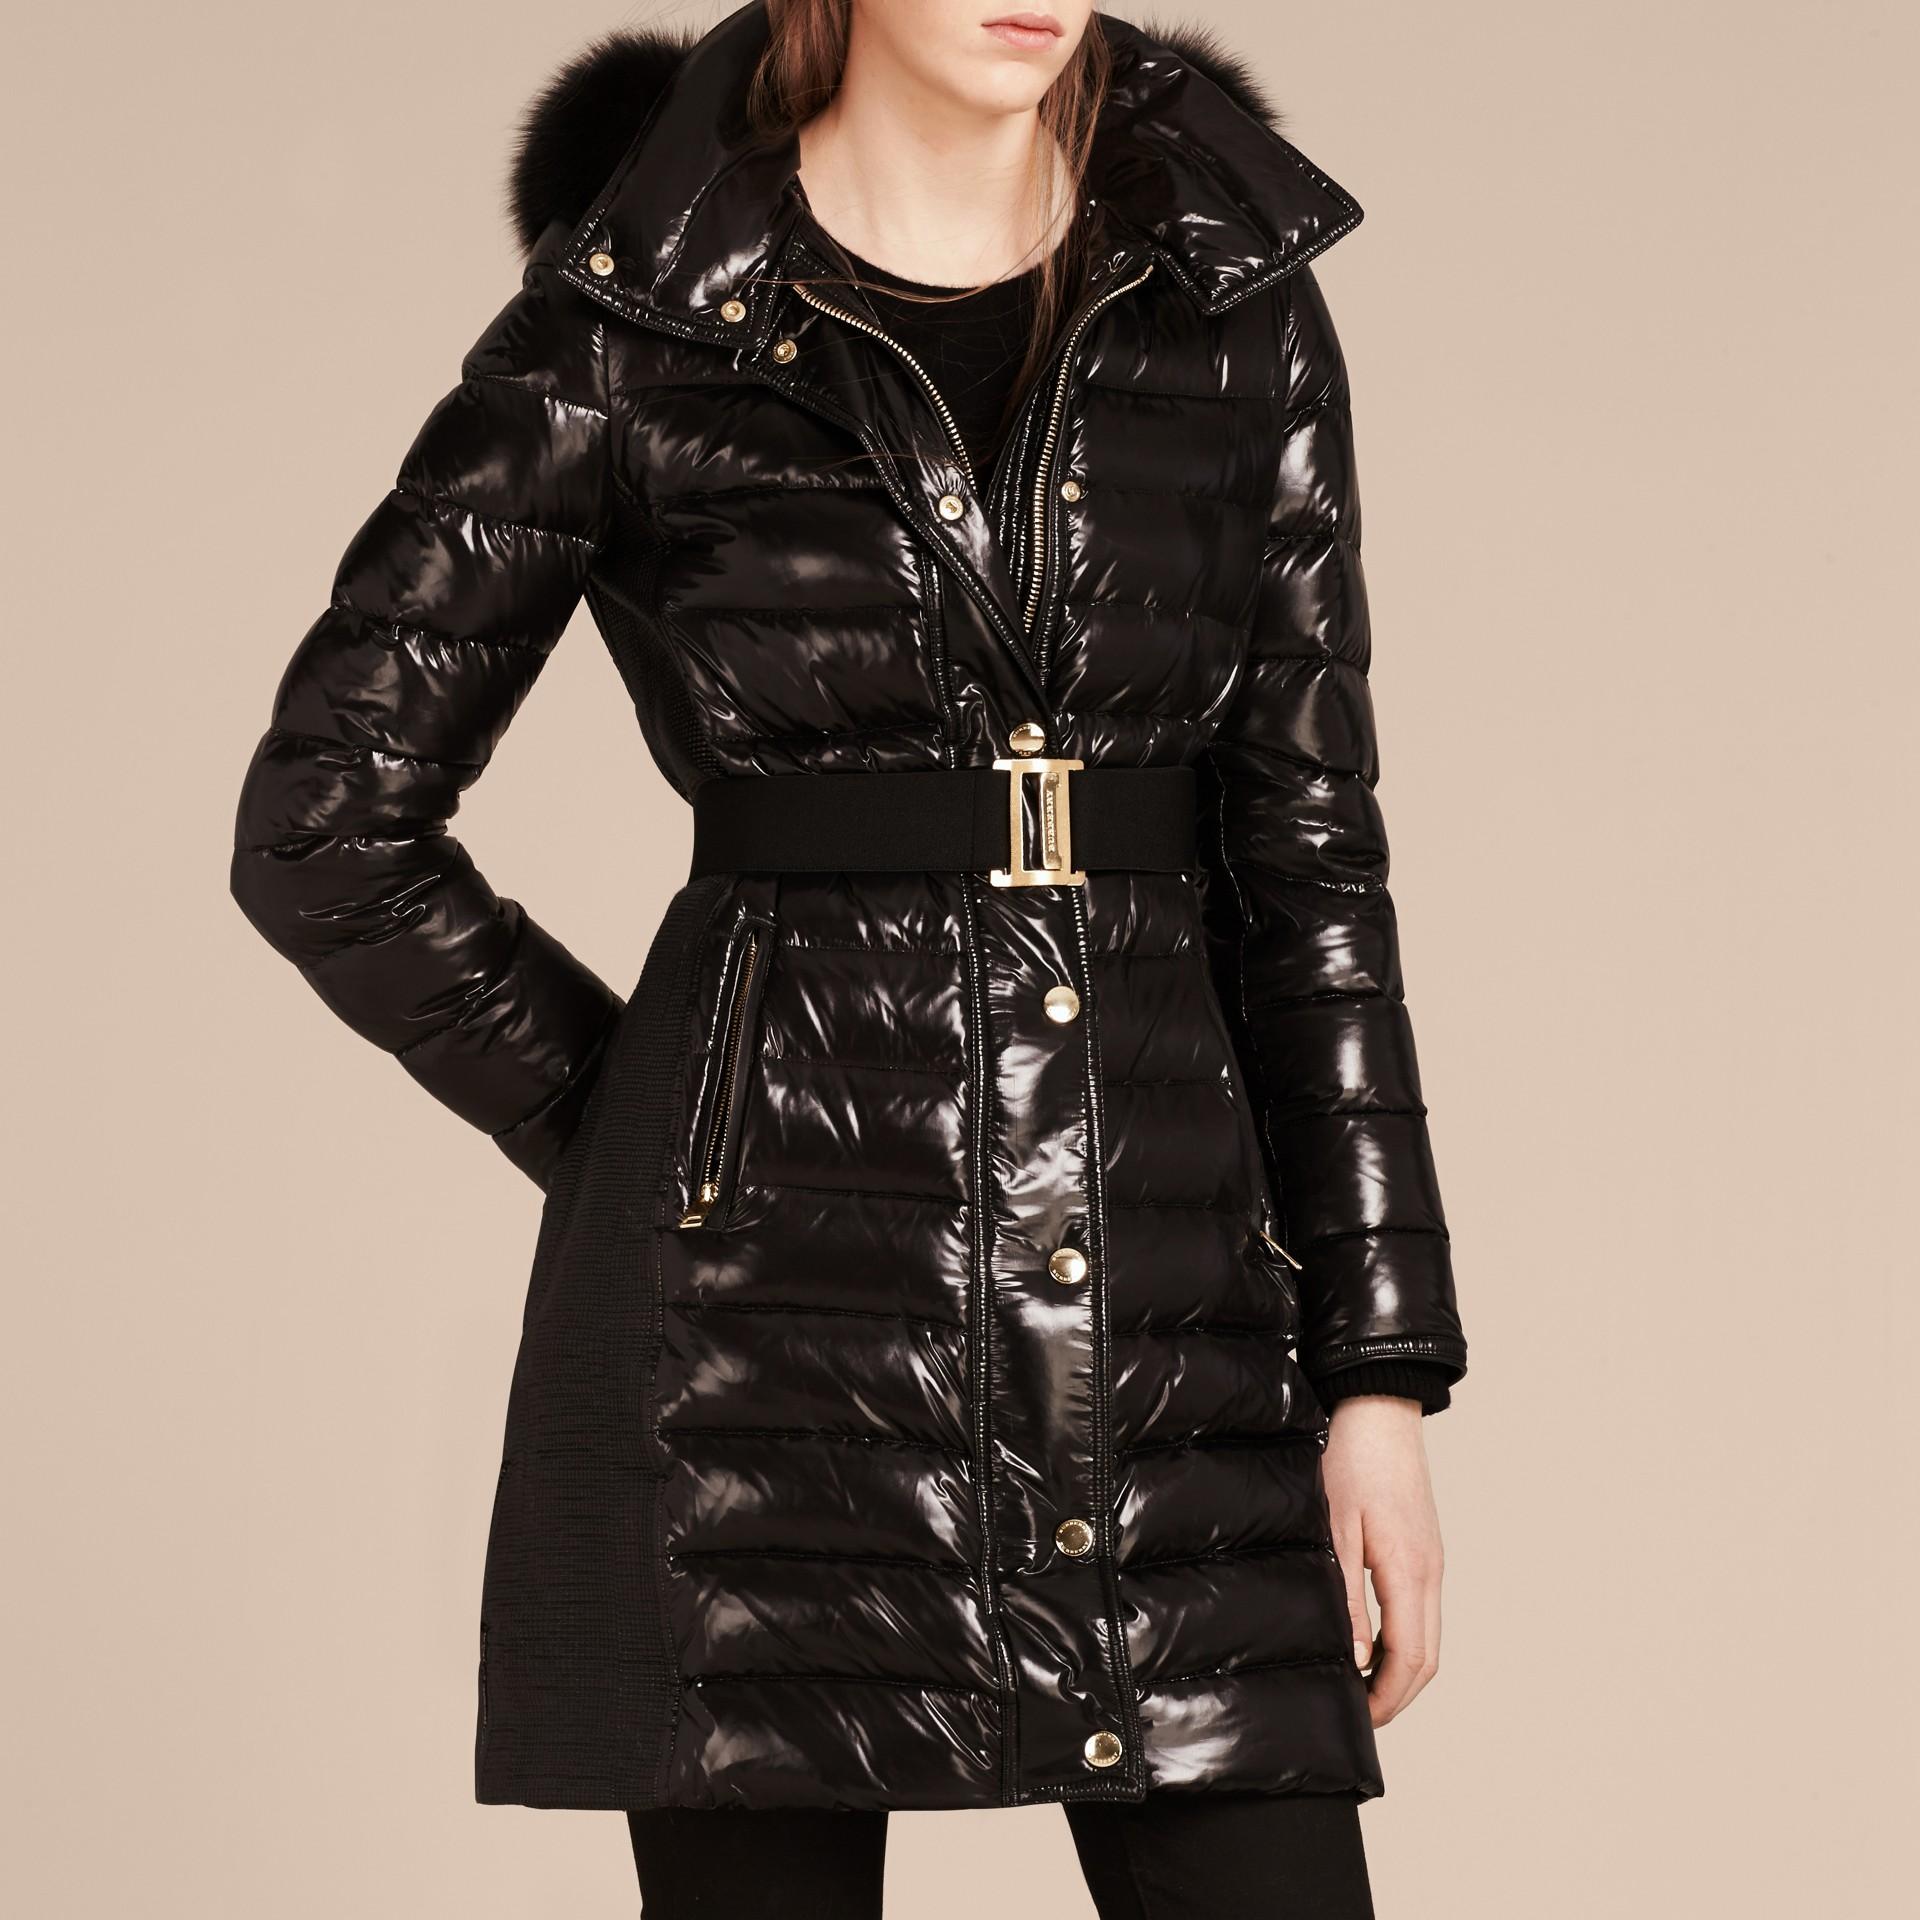 Noir Manteau rembourré en duvet à capuche amovible bordée de fourrure Noir - photo de la galerie 3